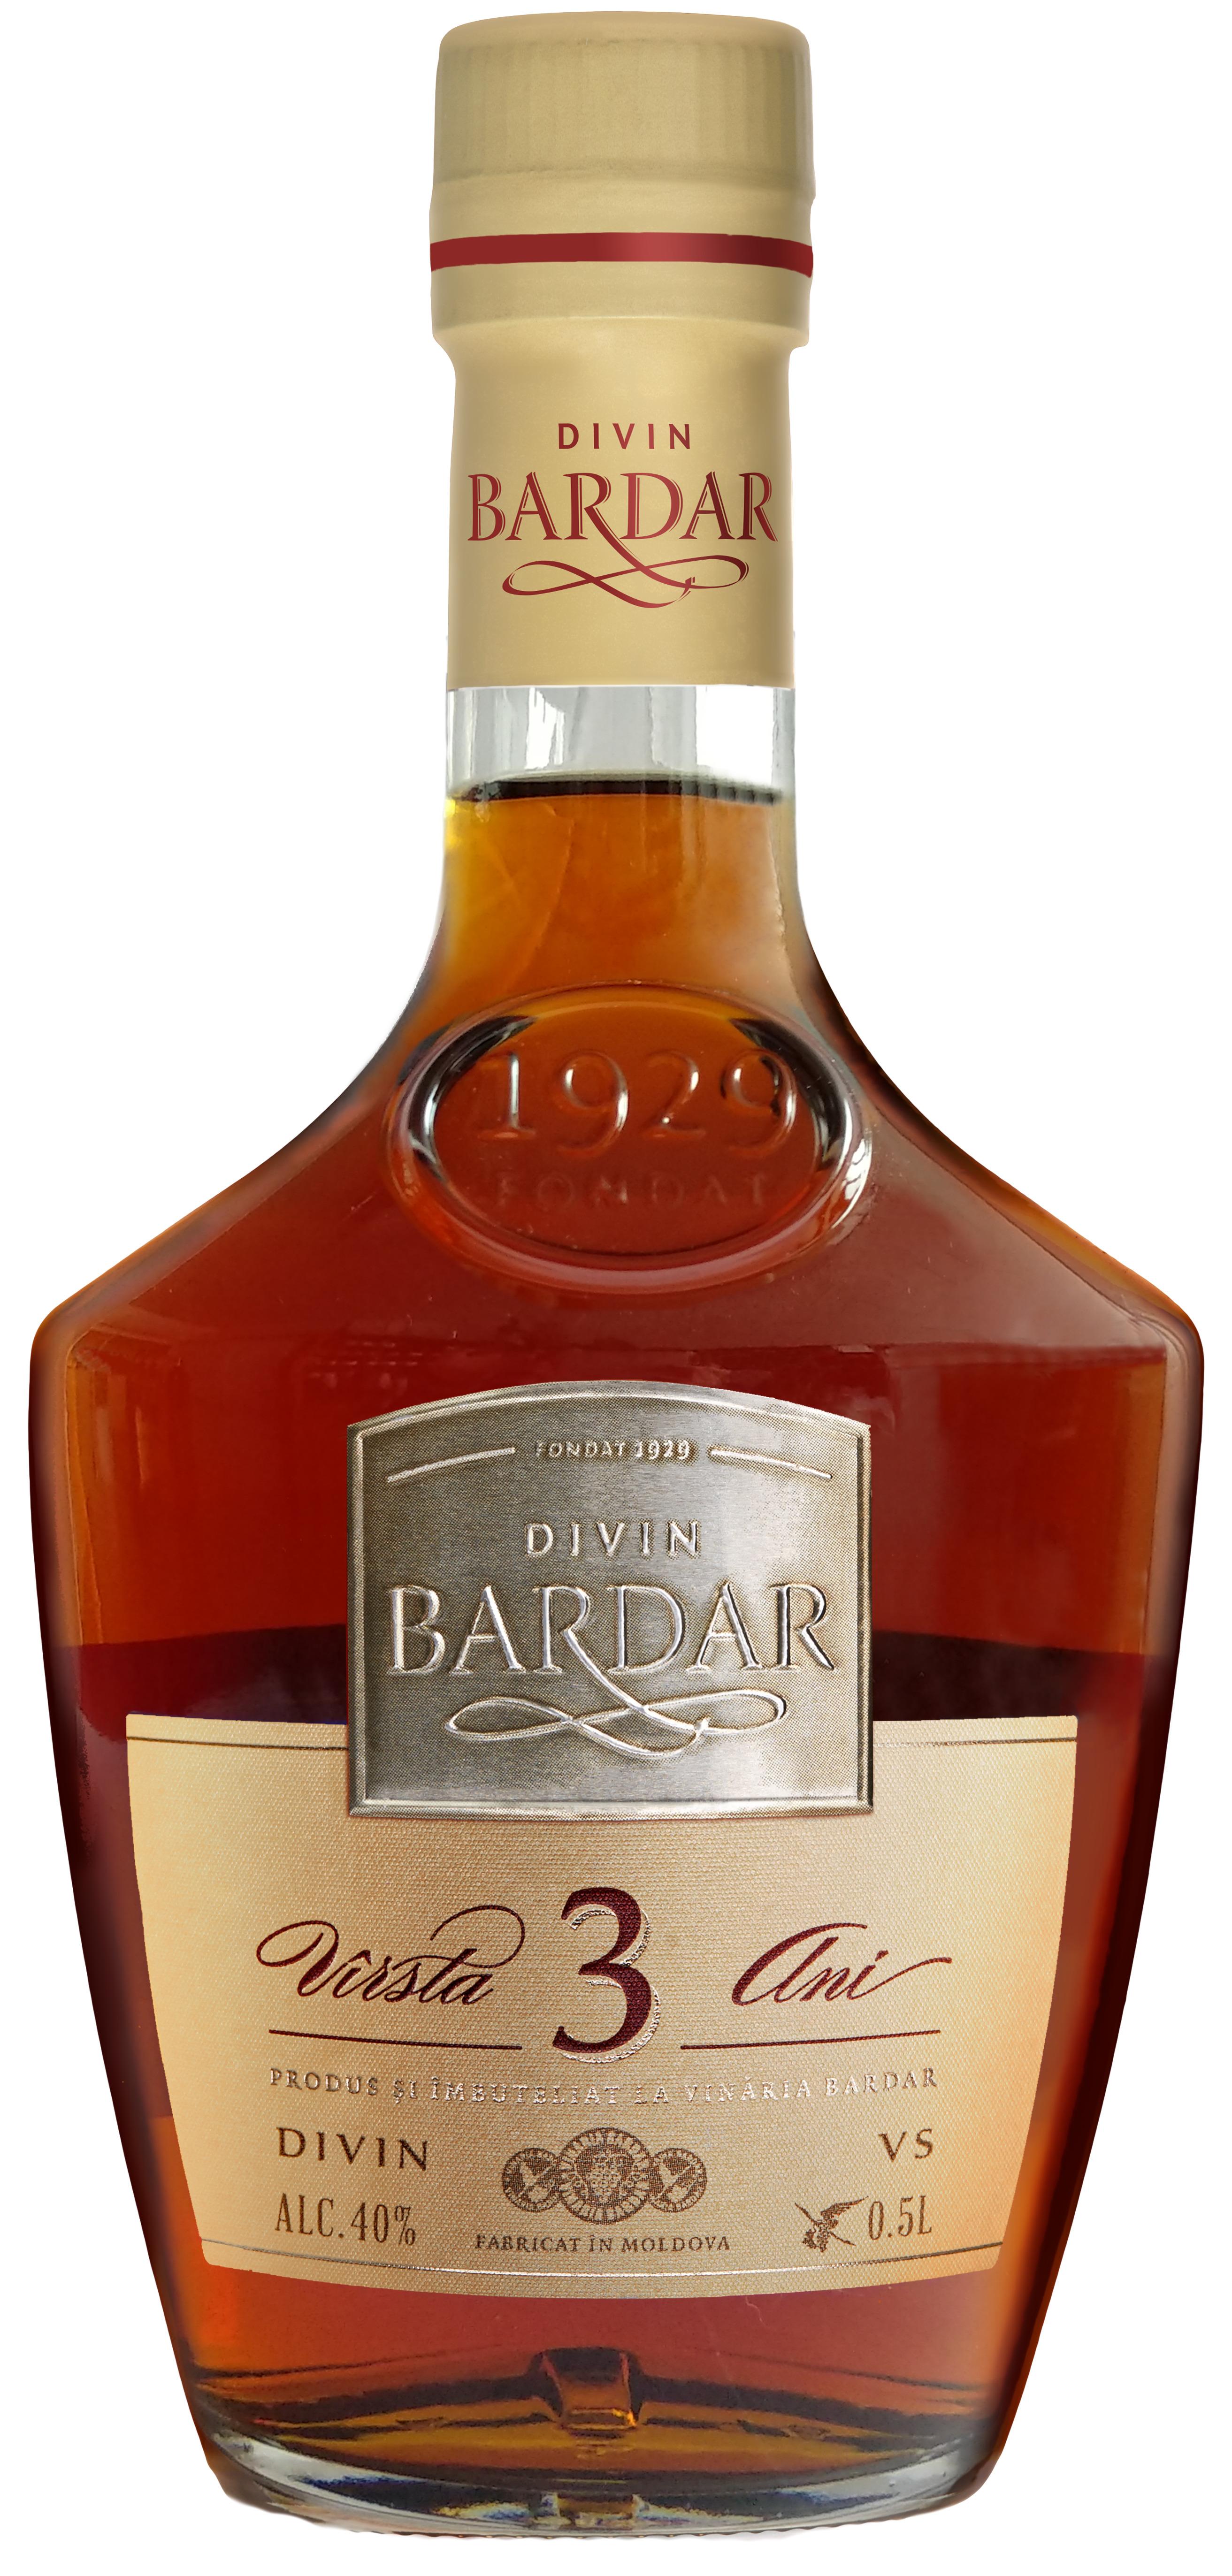 Vinars Divin 3 ani, Bardar, 0.5L [0]